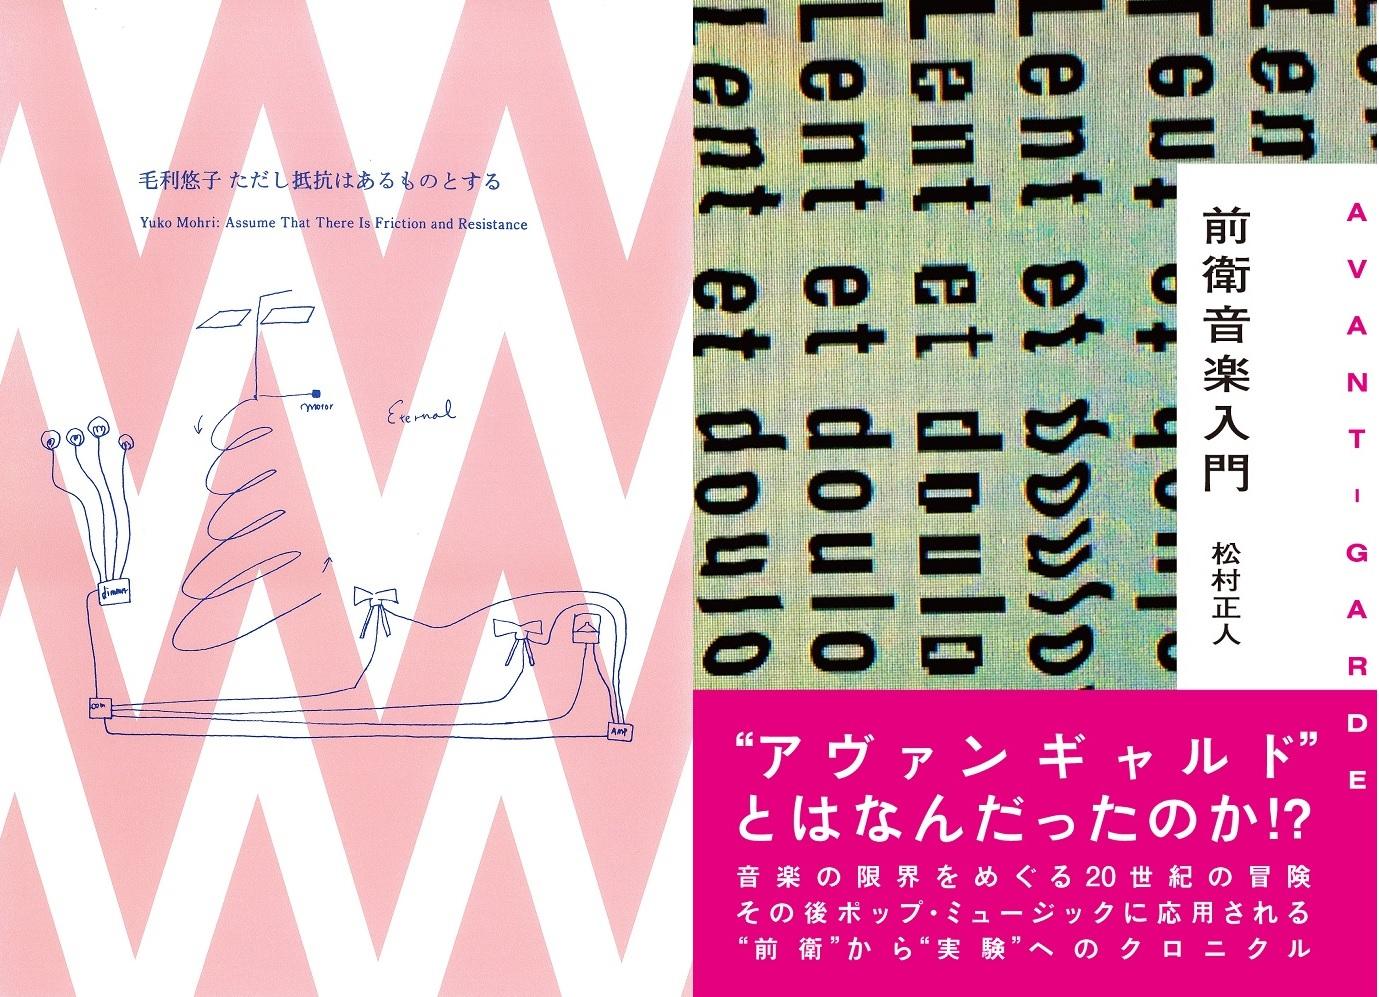 松村正人『前衛音楽入門』& 毛利悠子『ただし抵抗はあるものとする』<br>W出版記念トーク